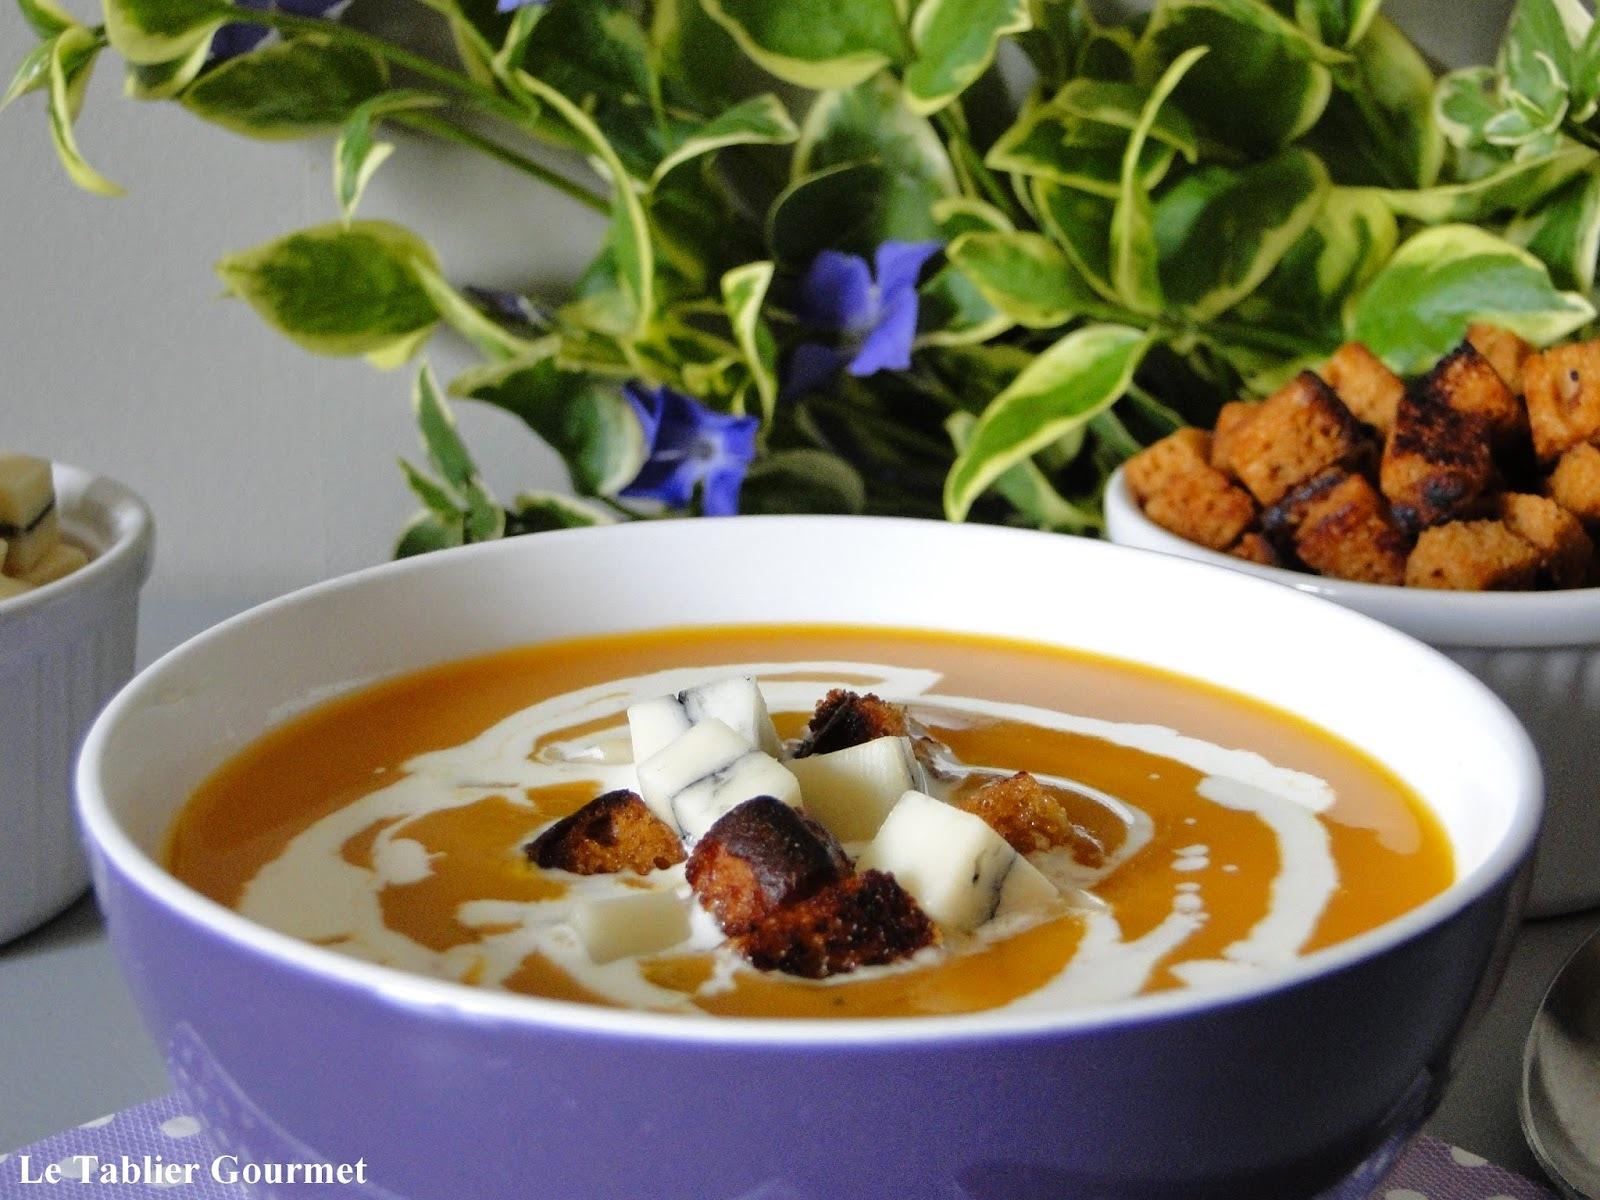 Une entrée chaude : le velouté de butternut-carotte et ses croûtons de pain d'épices et morbier !